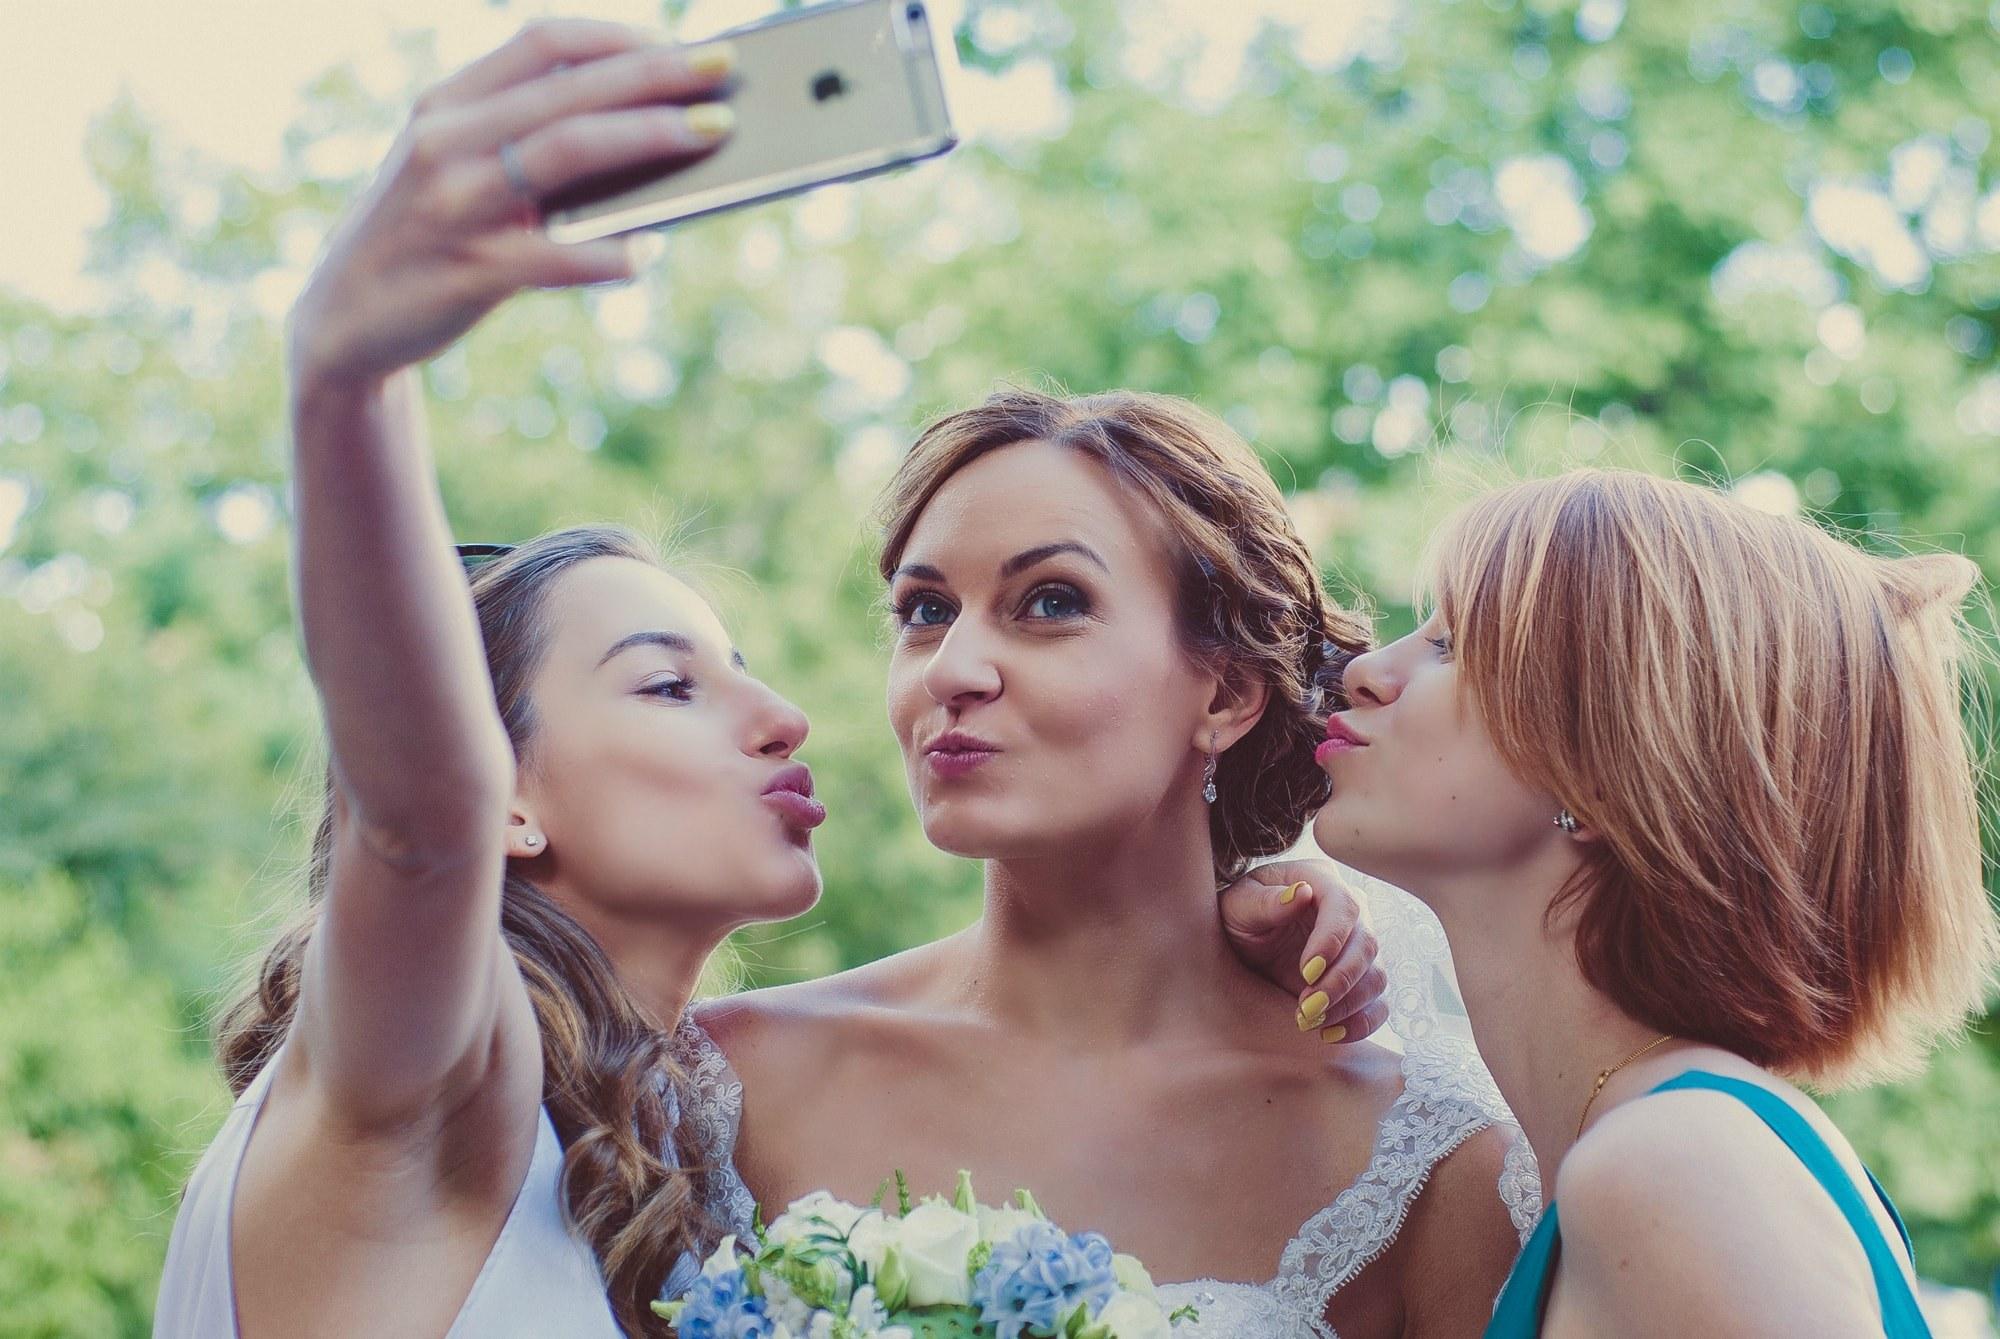 Селфи с невестой - Фотограф Киев - Женя Лайт